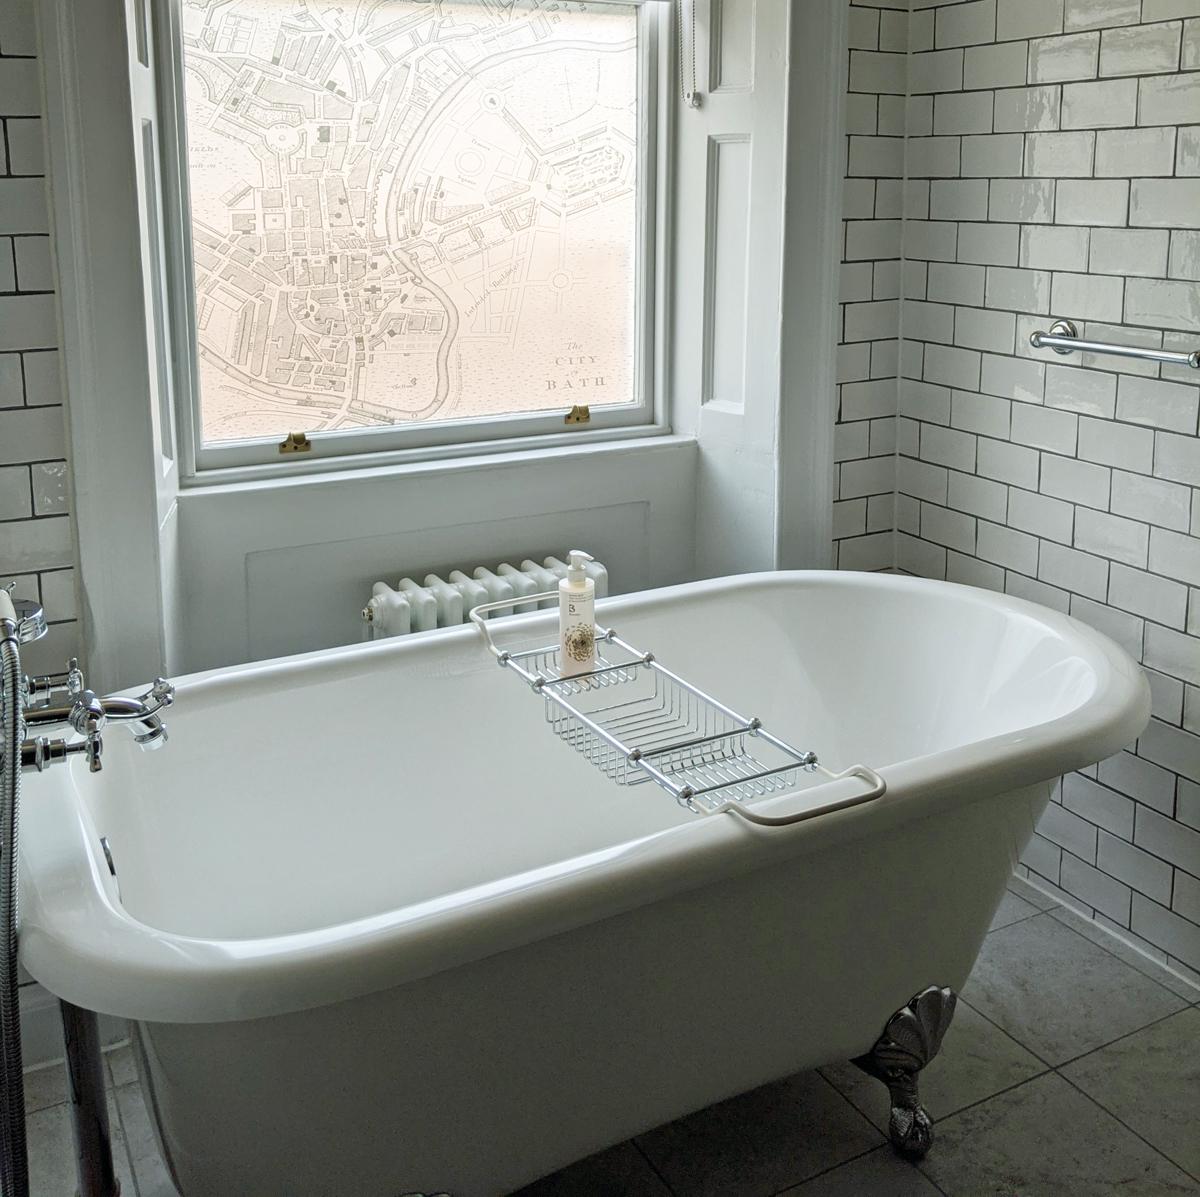 Hotel Indigo - bath with map